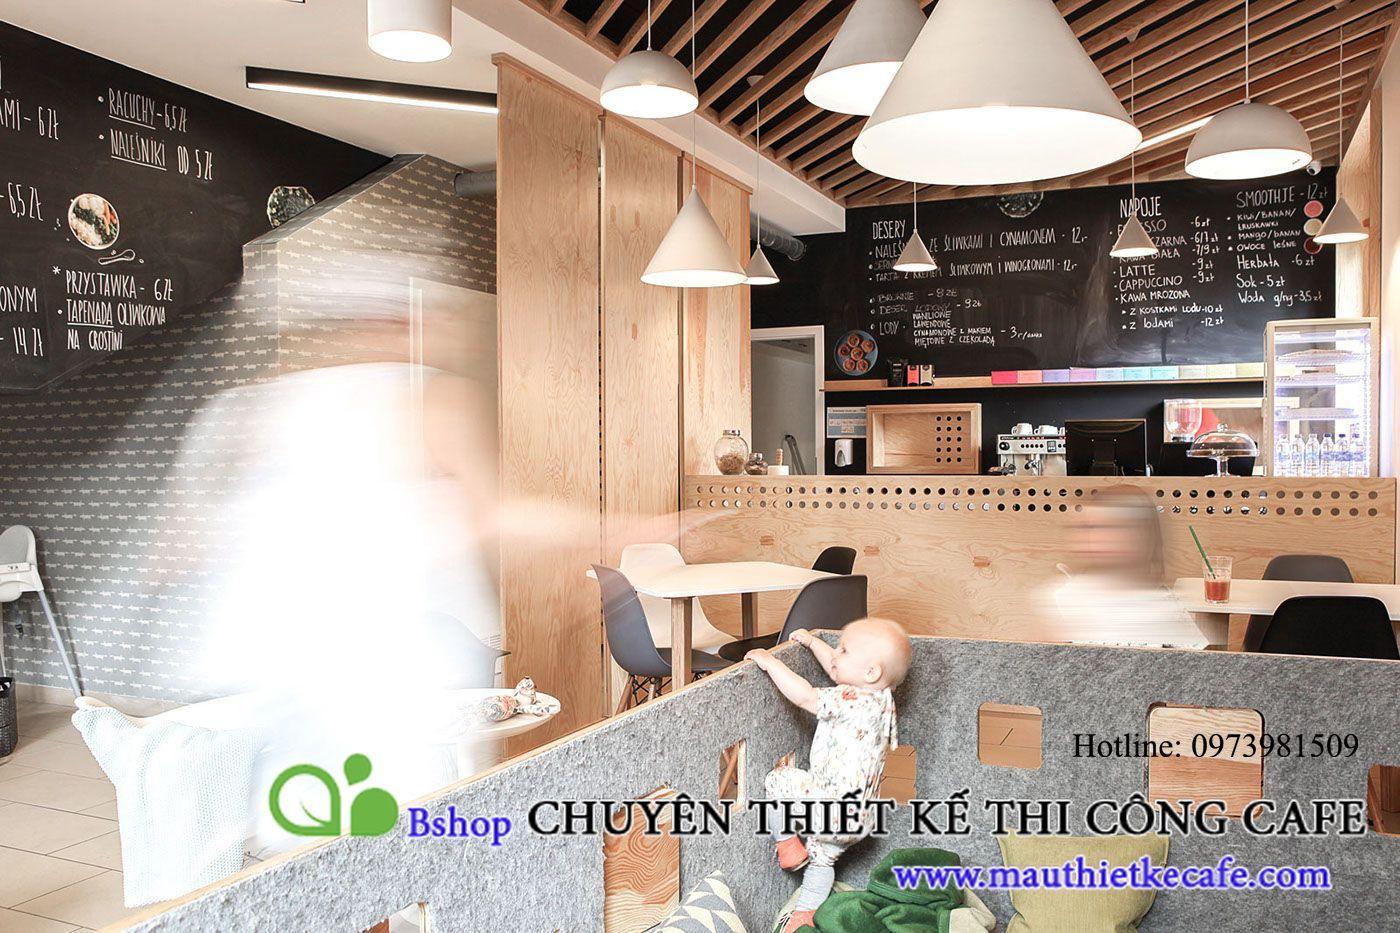 QUAN-CAFE-DANH-CHO-CAC-GIA-DINH-TRE (12)_MAUTHIETKECAFE.COM